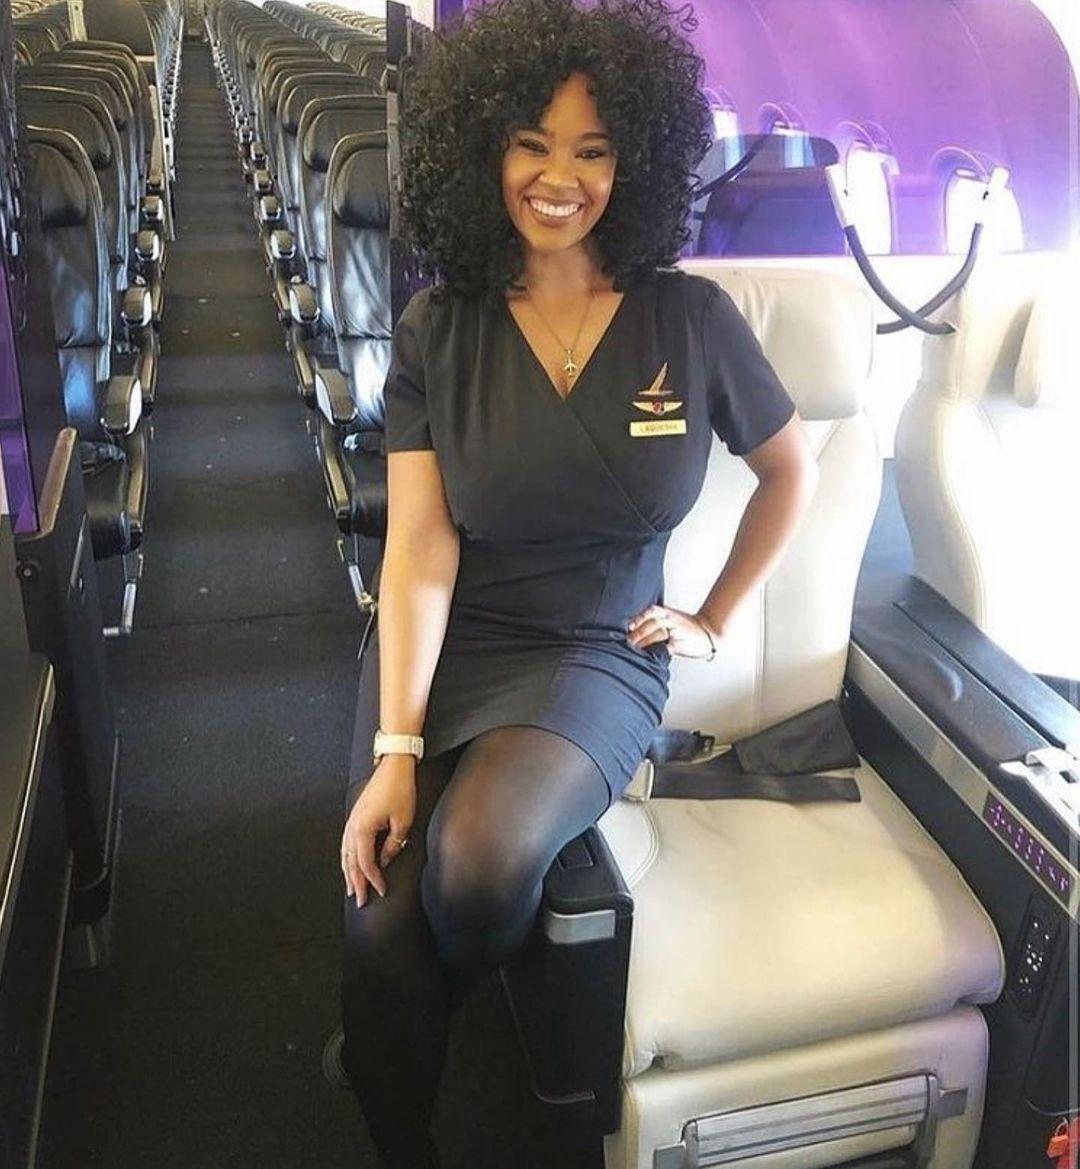 А ця бортпровідниця полюбляє не тільки подорожувати, але й фотографувати